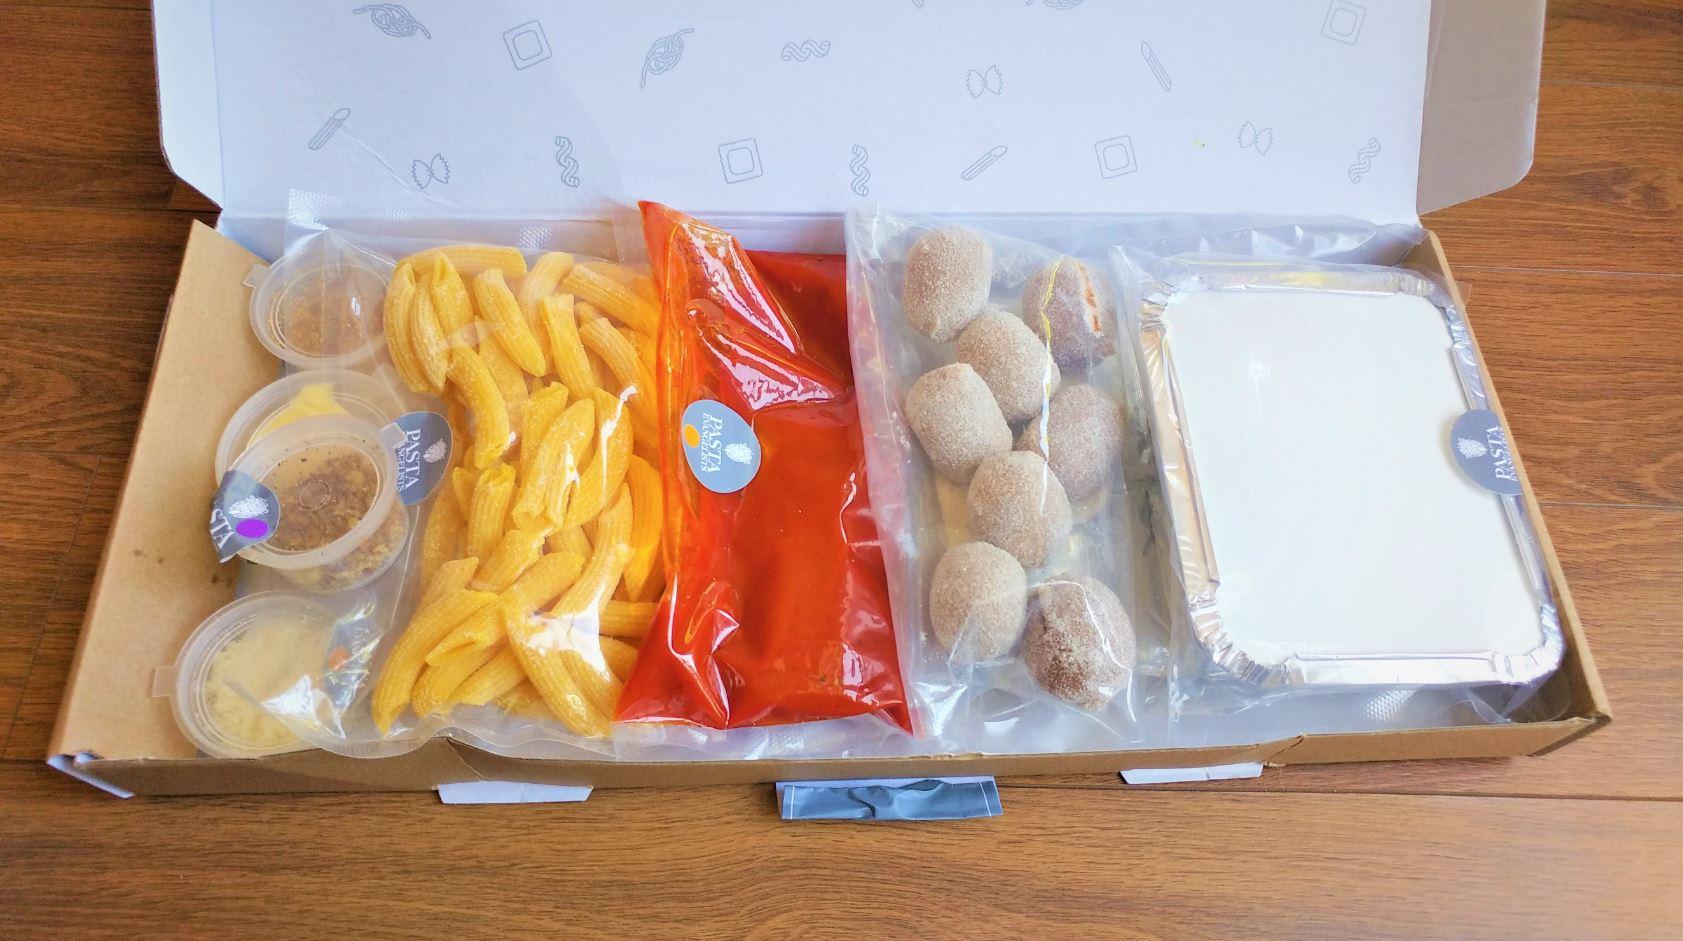 pasta-in-box